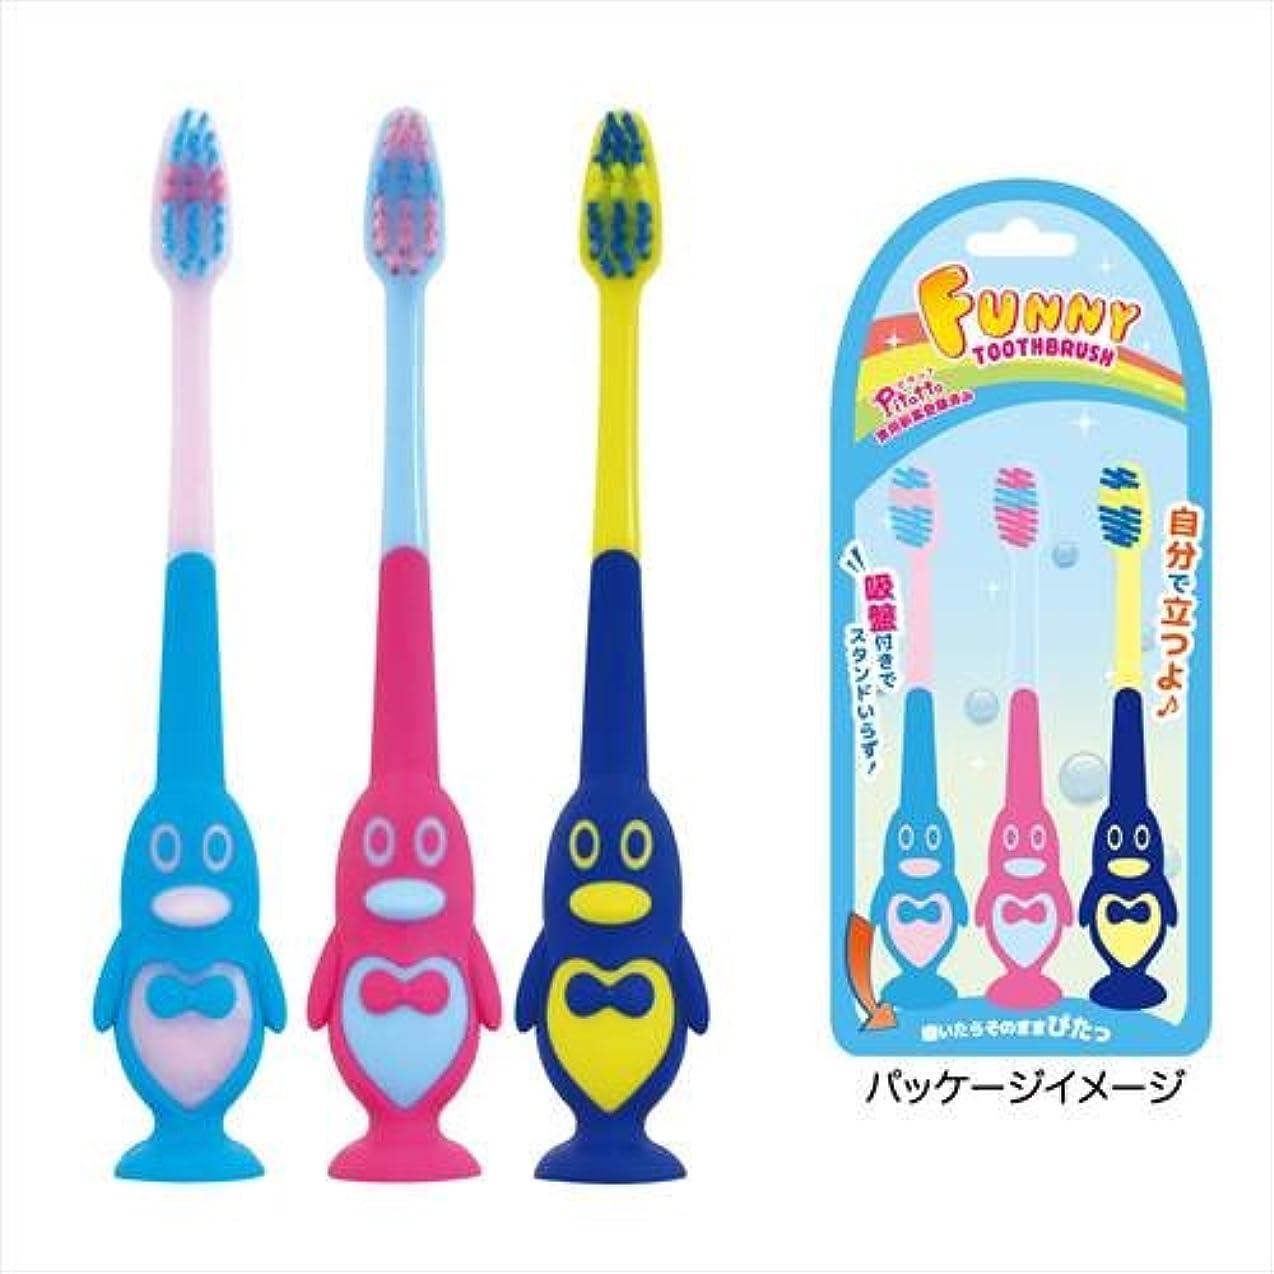 サスペンション元に戻す横[歯ブラシ] 吸盤付き歯ブラシ 3本セット/ペンギン ユーカンパニー かわいい 洗面用具 グッズ 通販